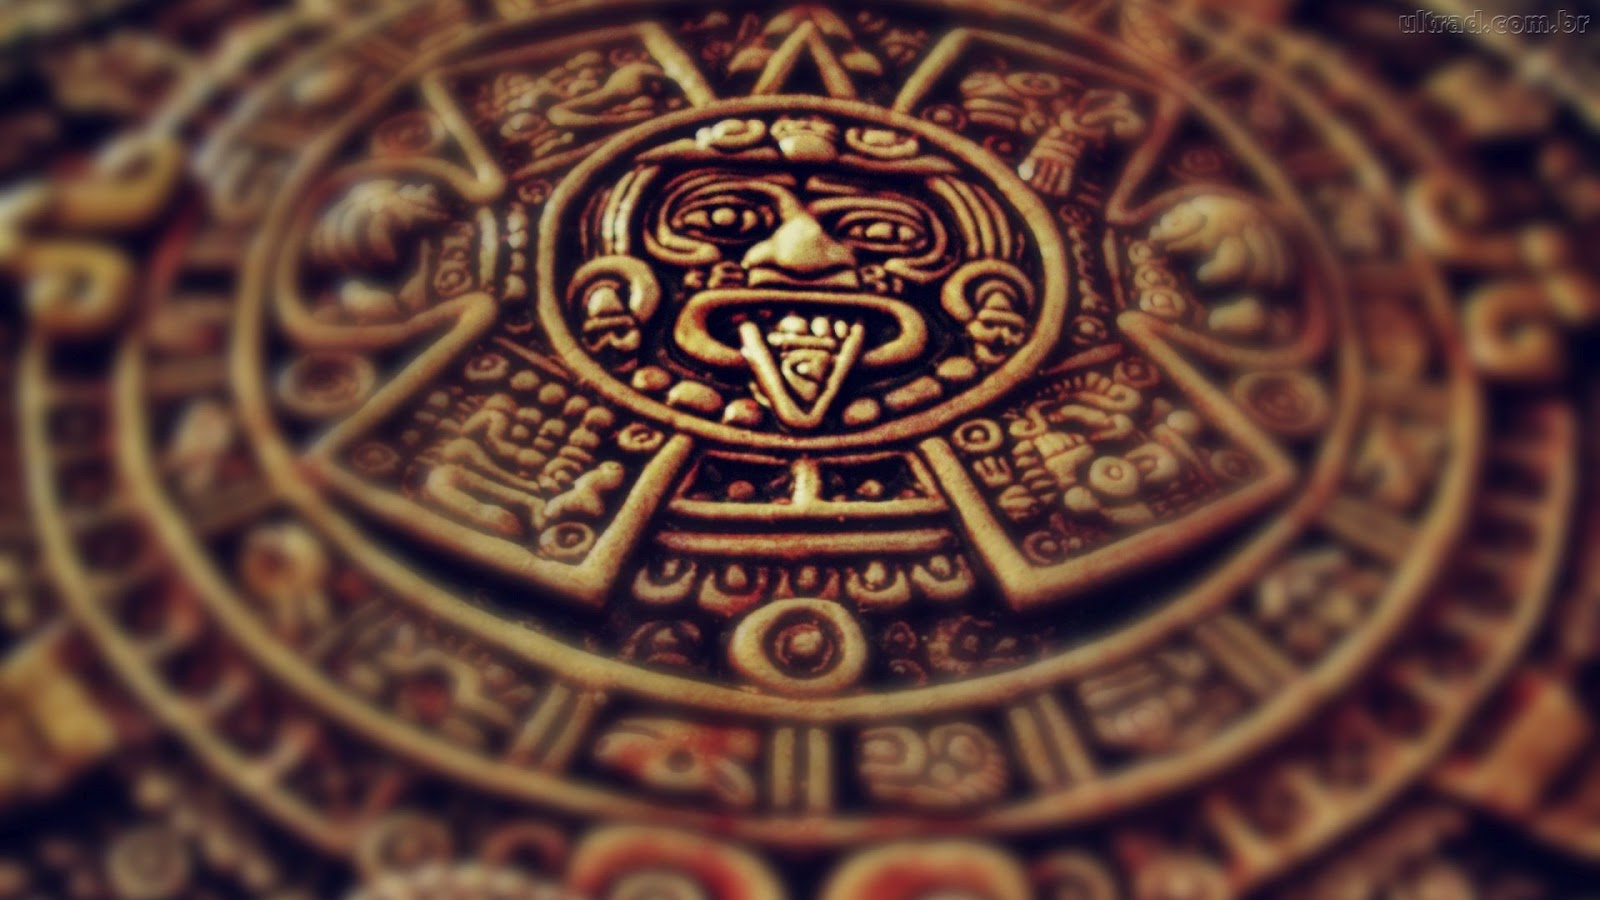 Calendário Maia: a profecia do fim do mundo em 21 de dezembro de 2012.